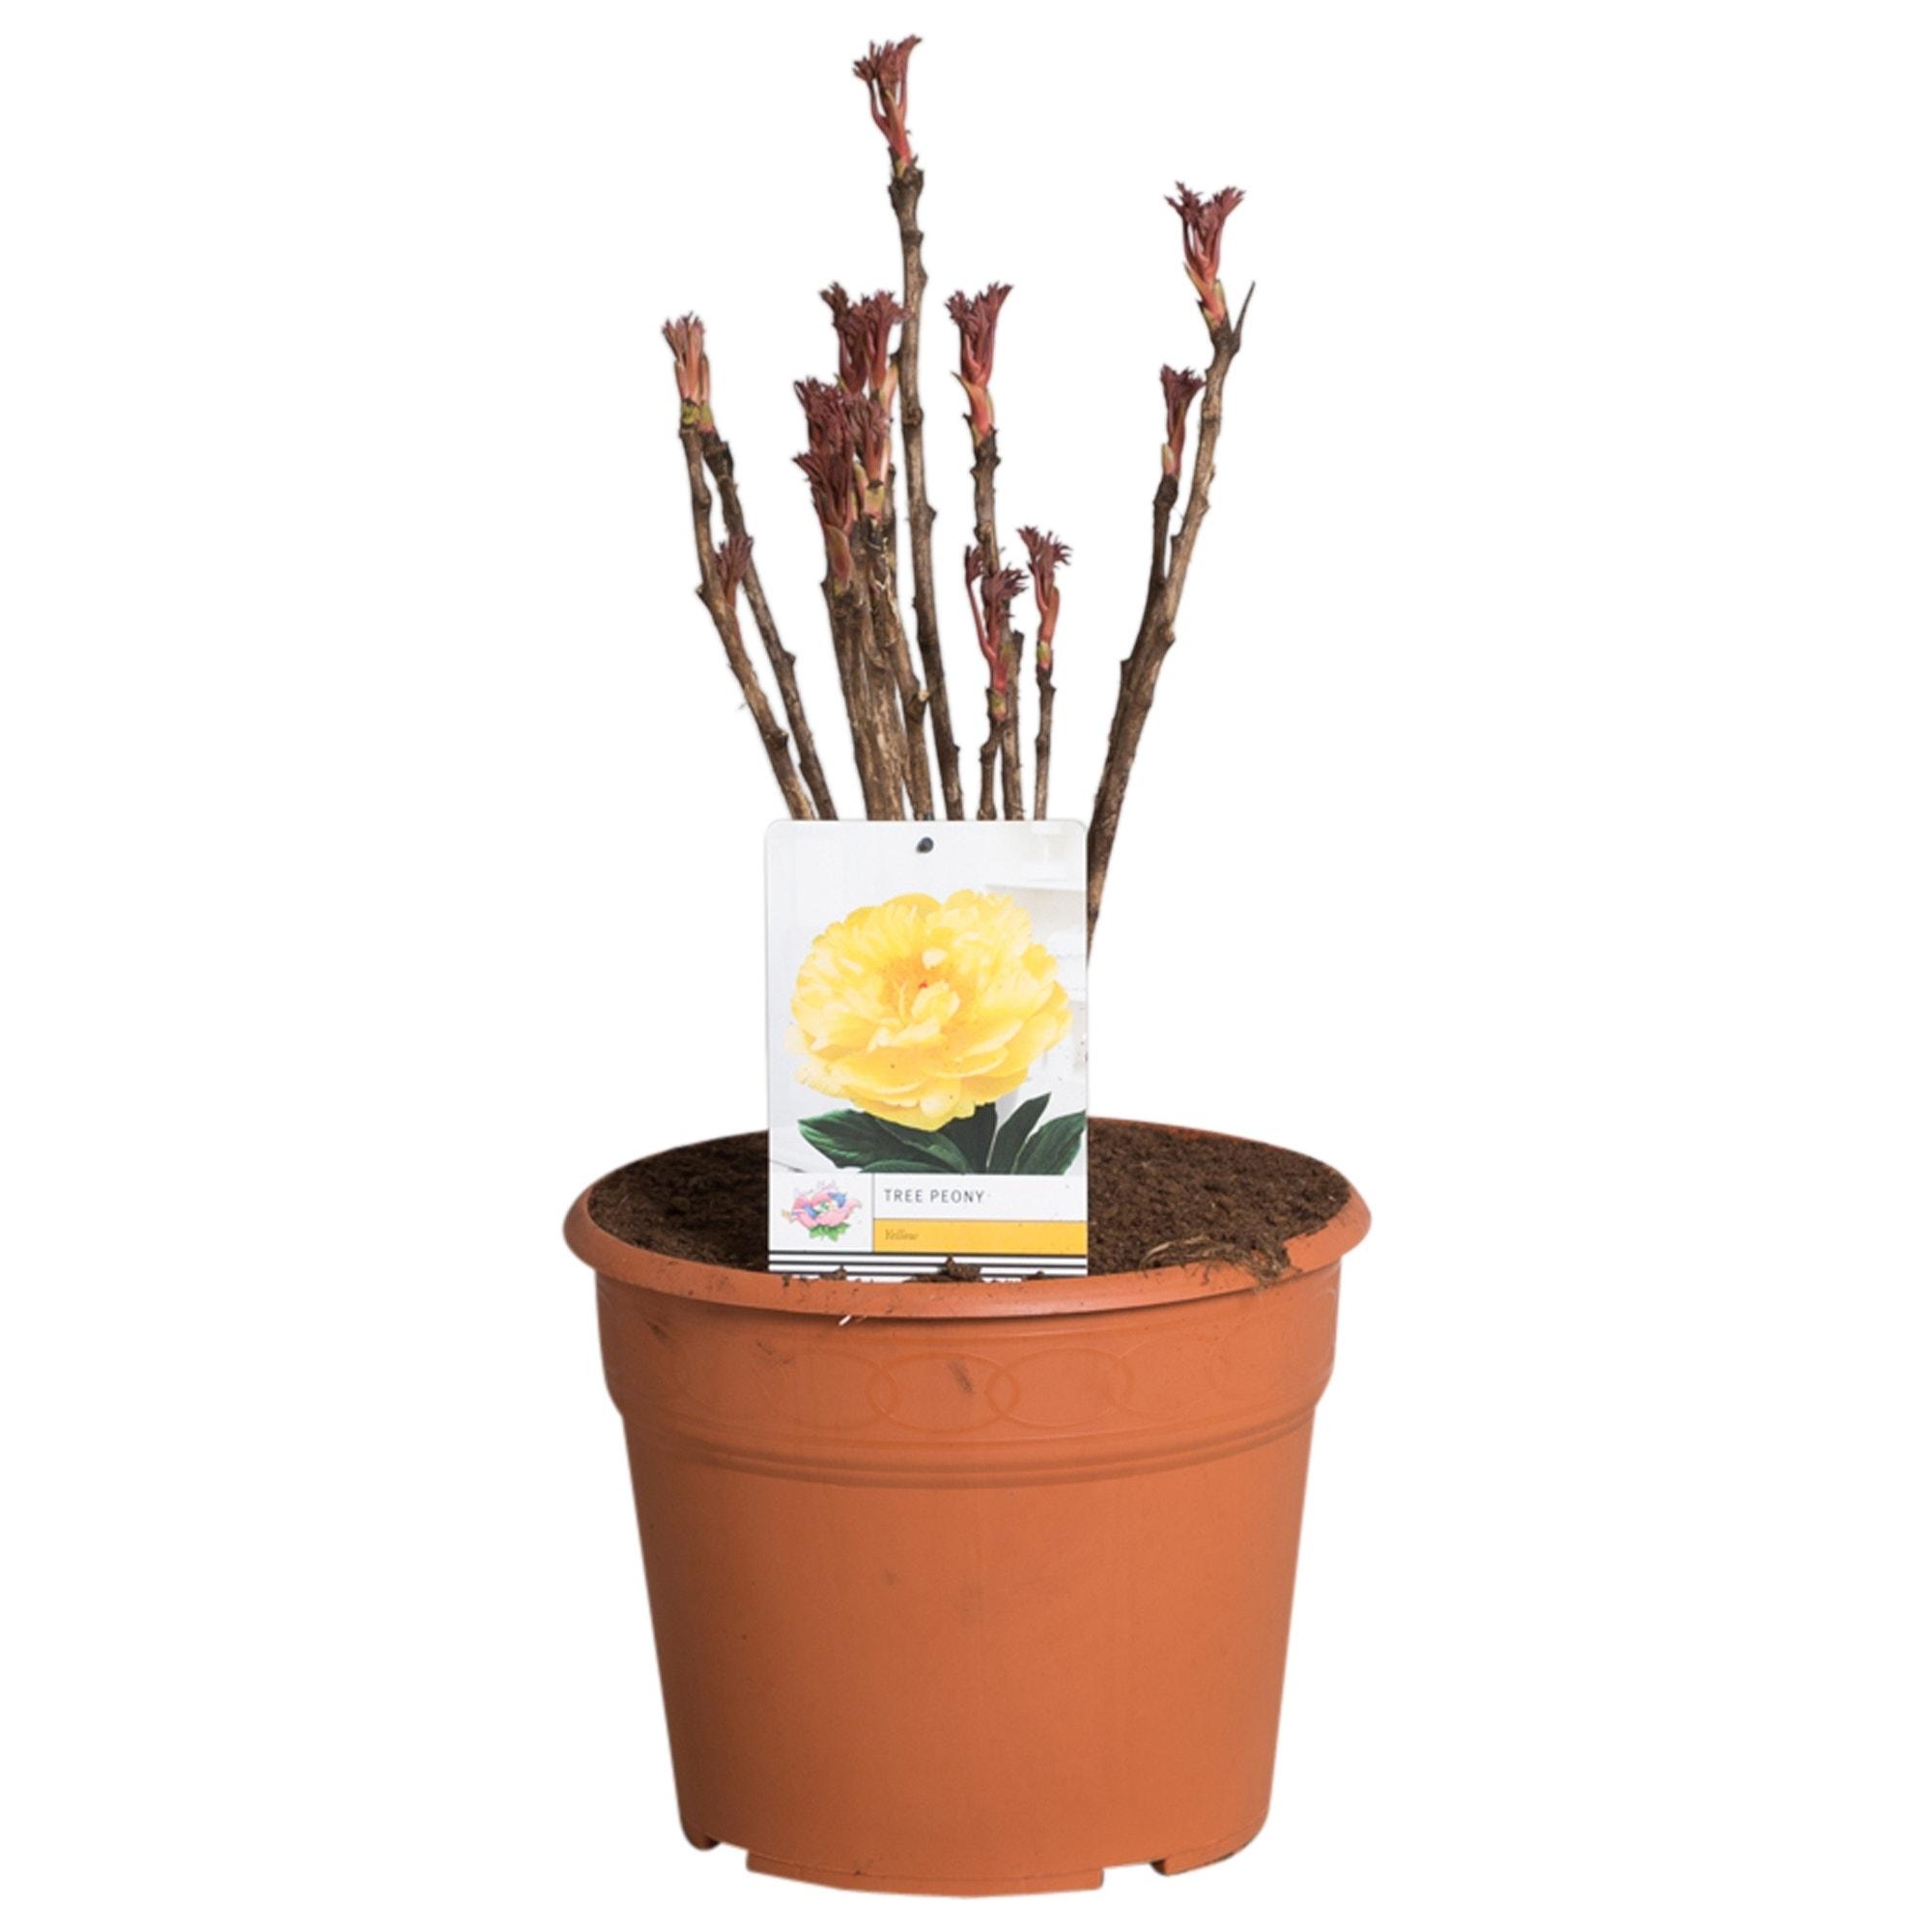 Gele Boompioen (Paeonia suffruticosa)-Plant in pot-p11. Kleur: geel